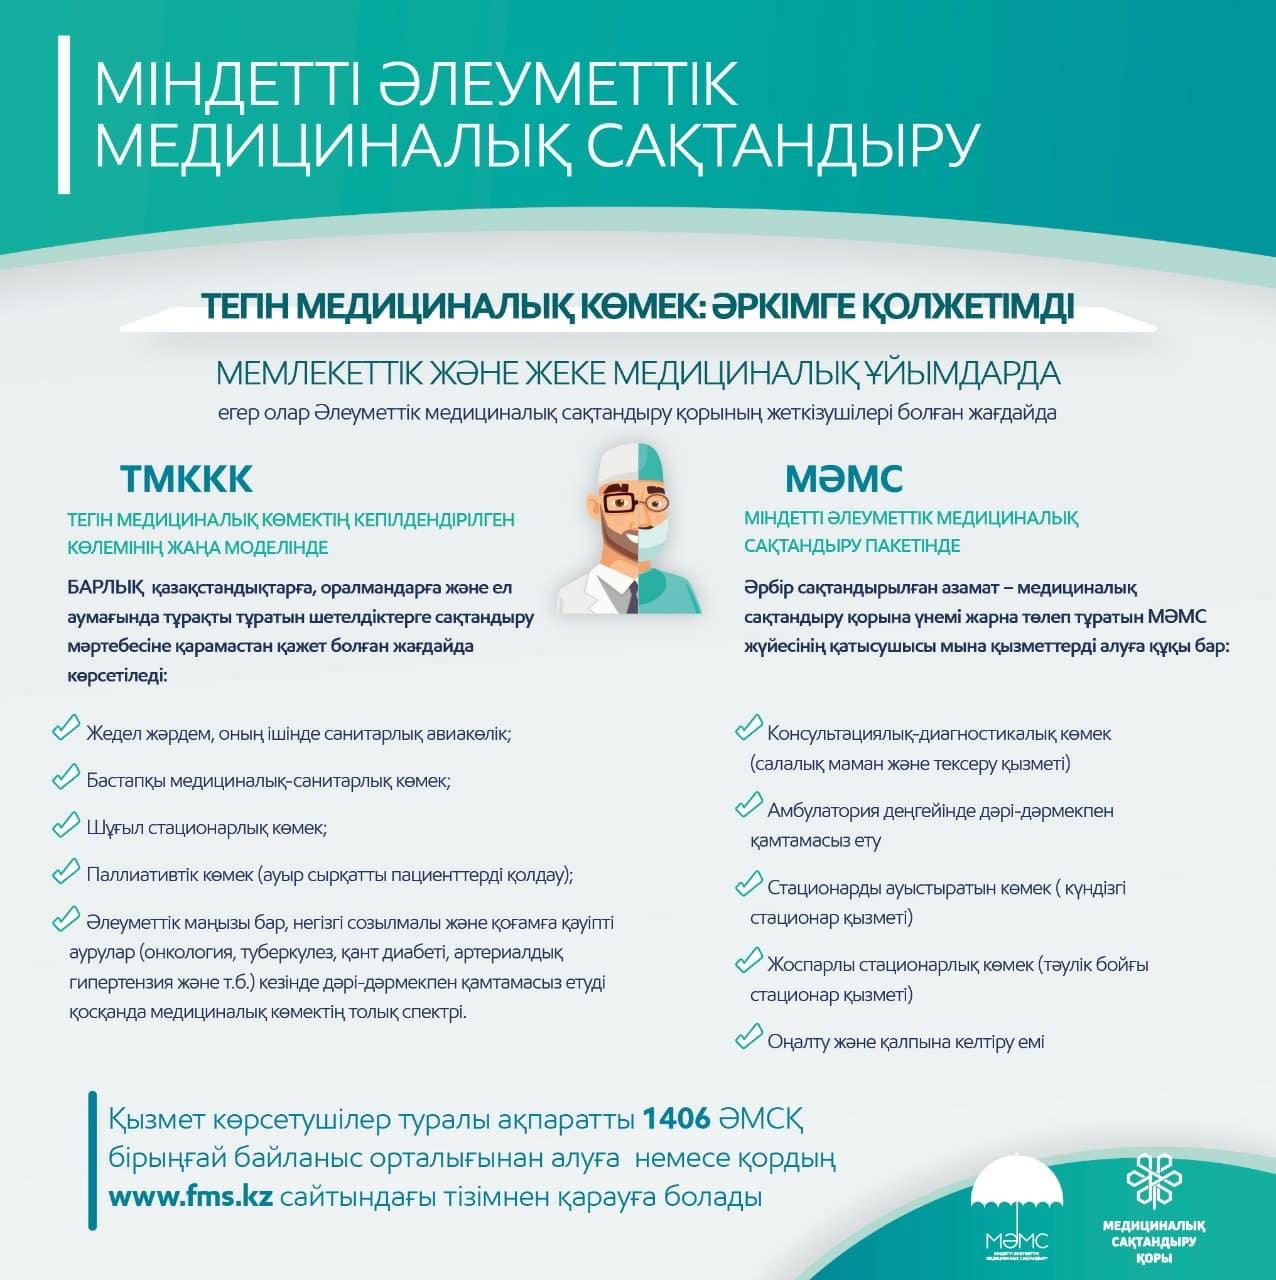 Міндетті әлеуметтік медициналық сақтандыру